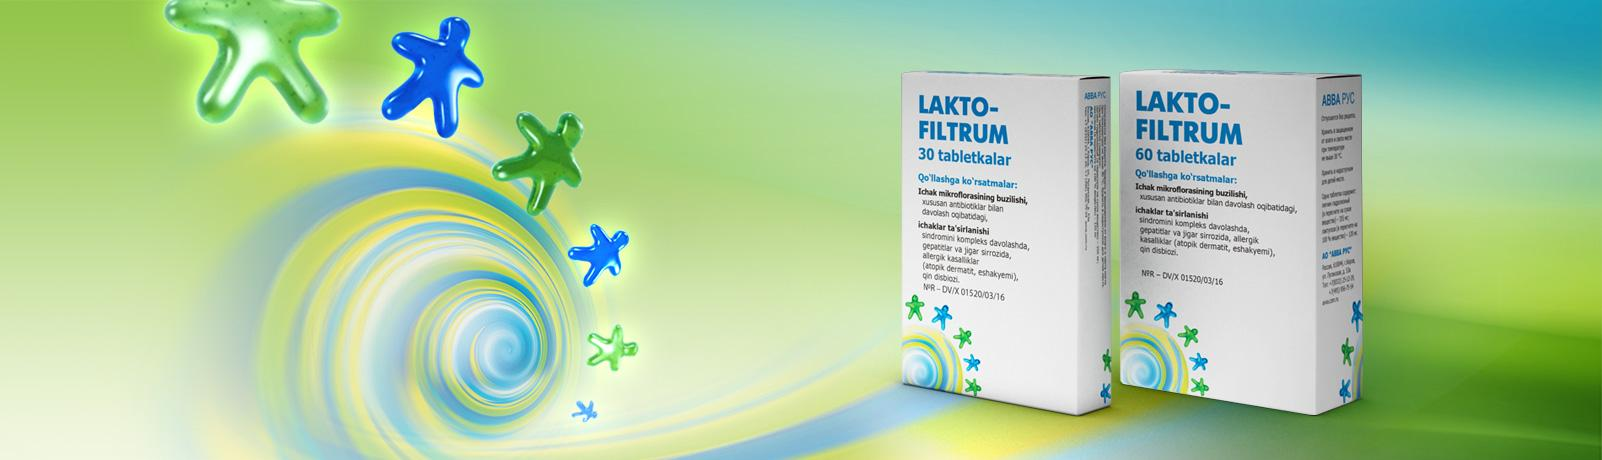 lactofiltrum dysbiosis